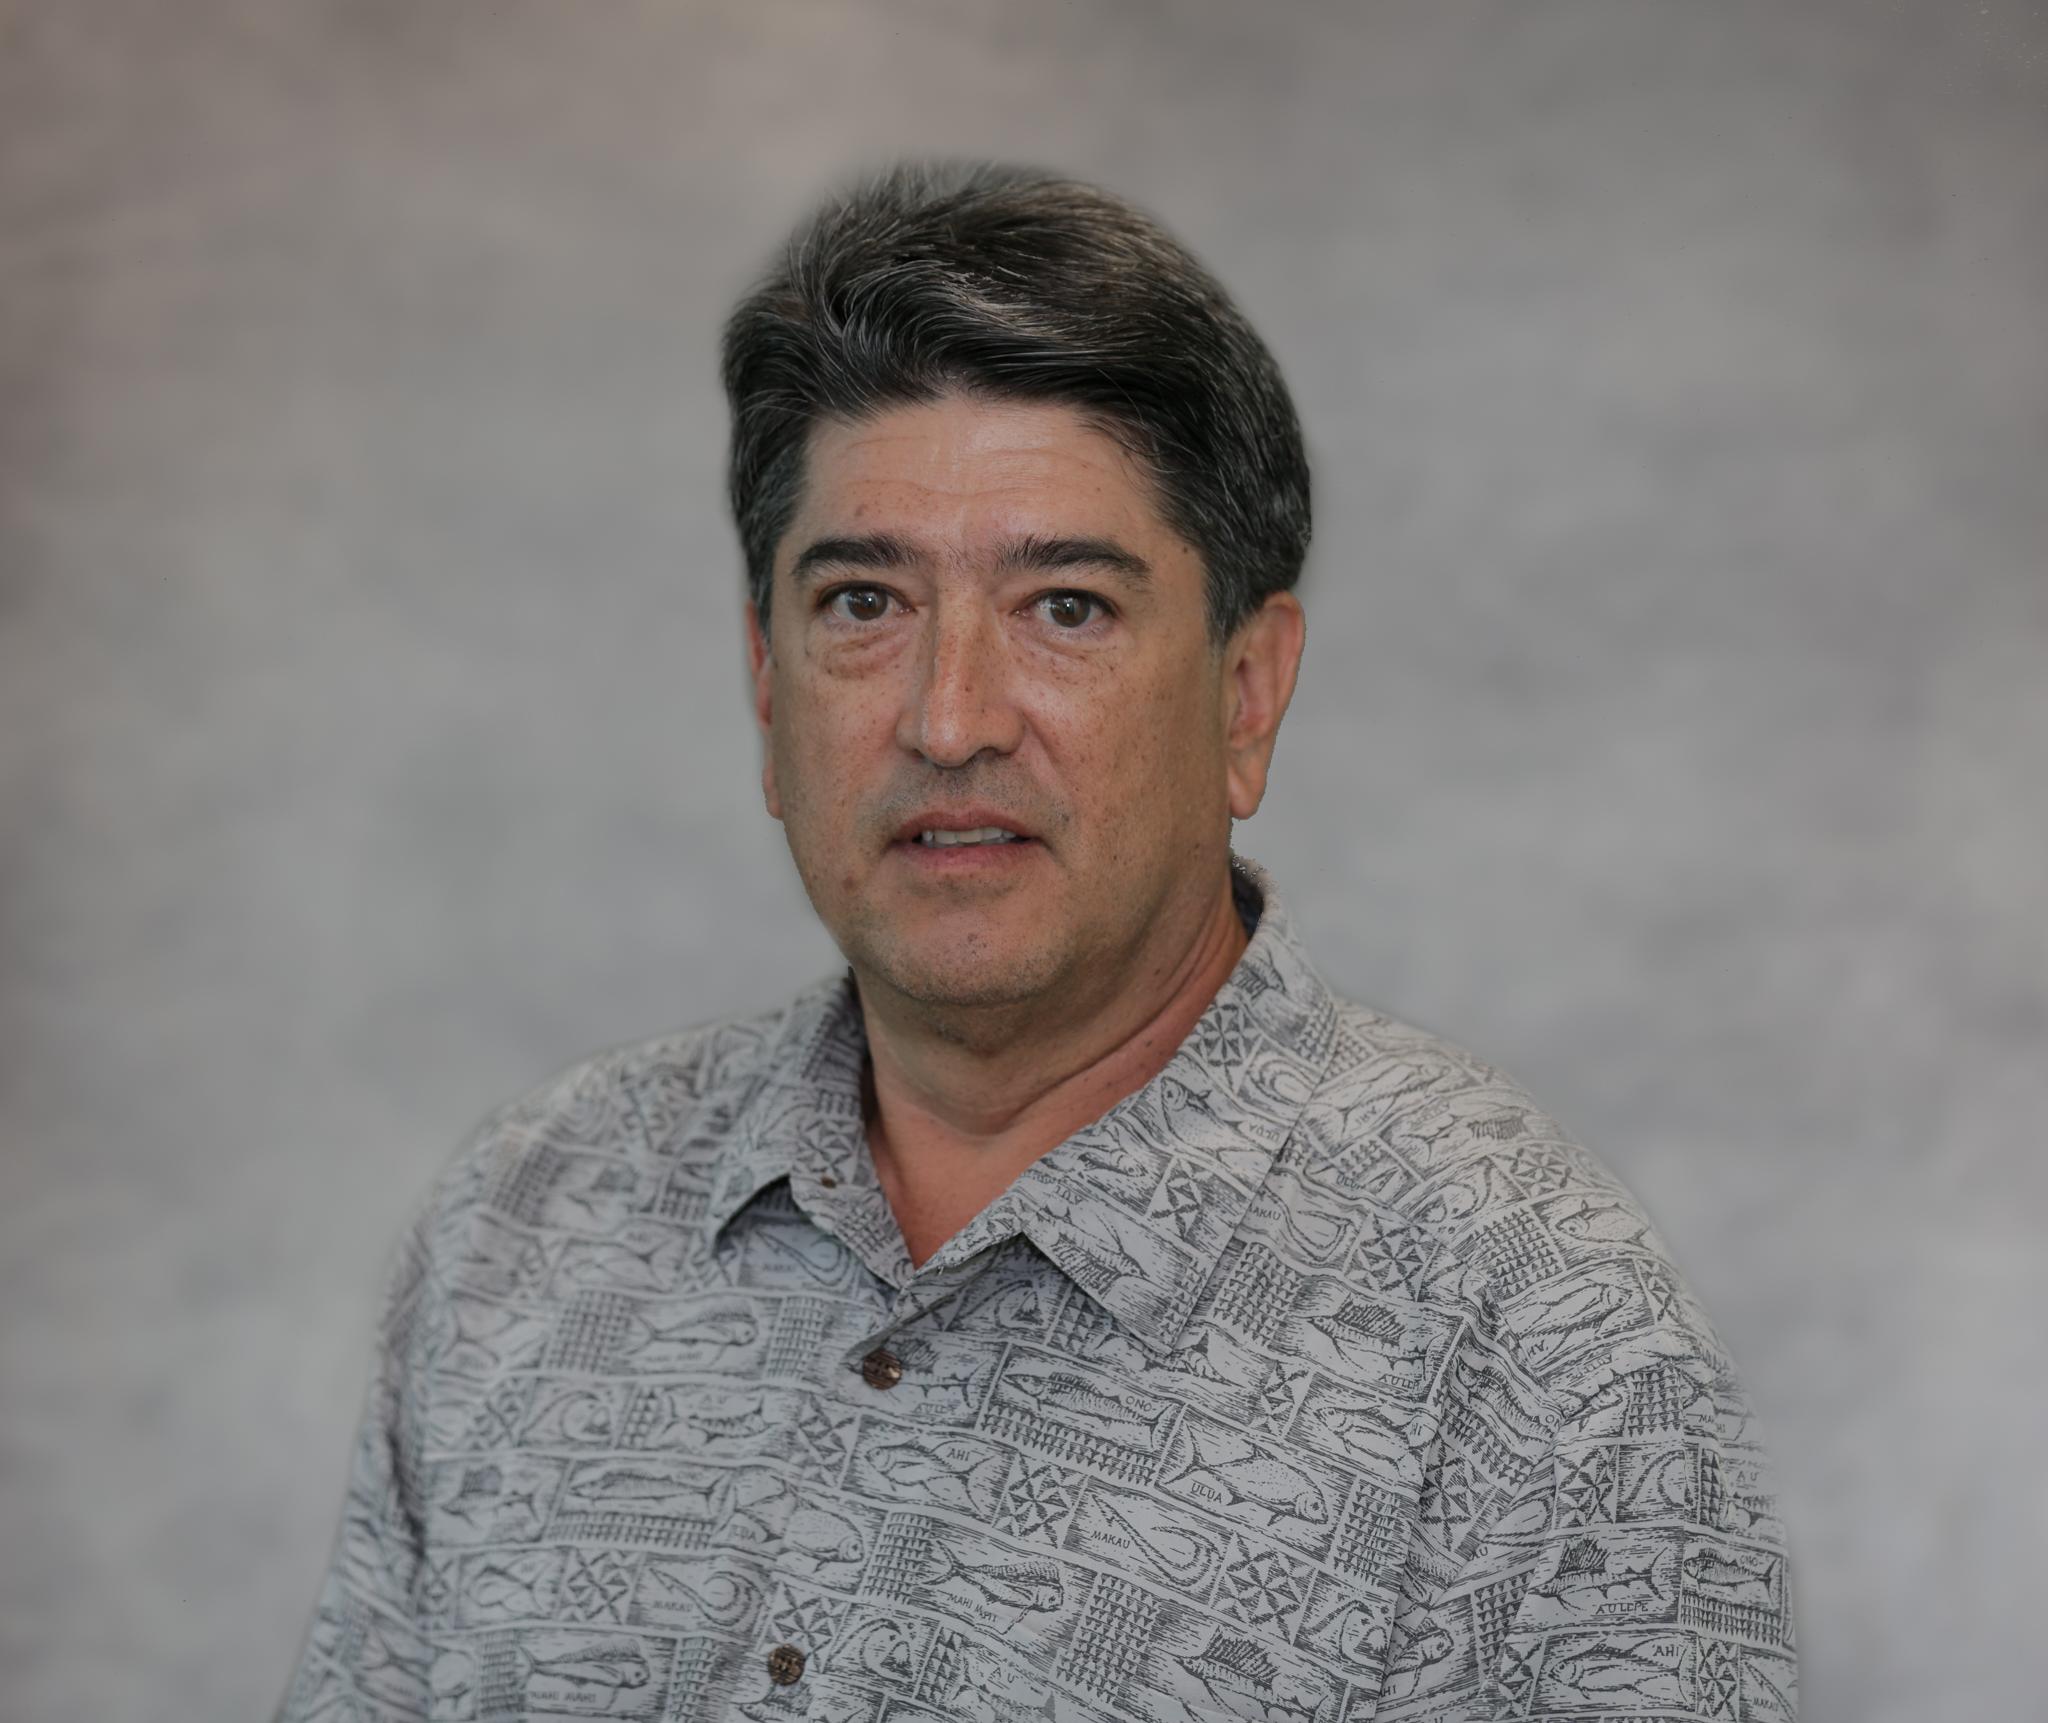 NSPE Delegate: Mike Lum, P.E.